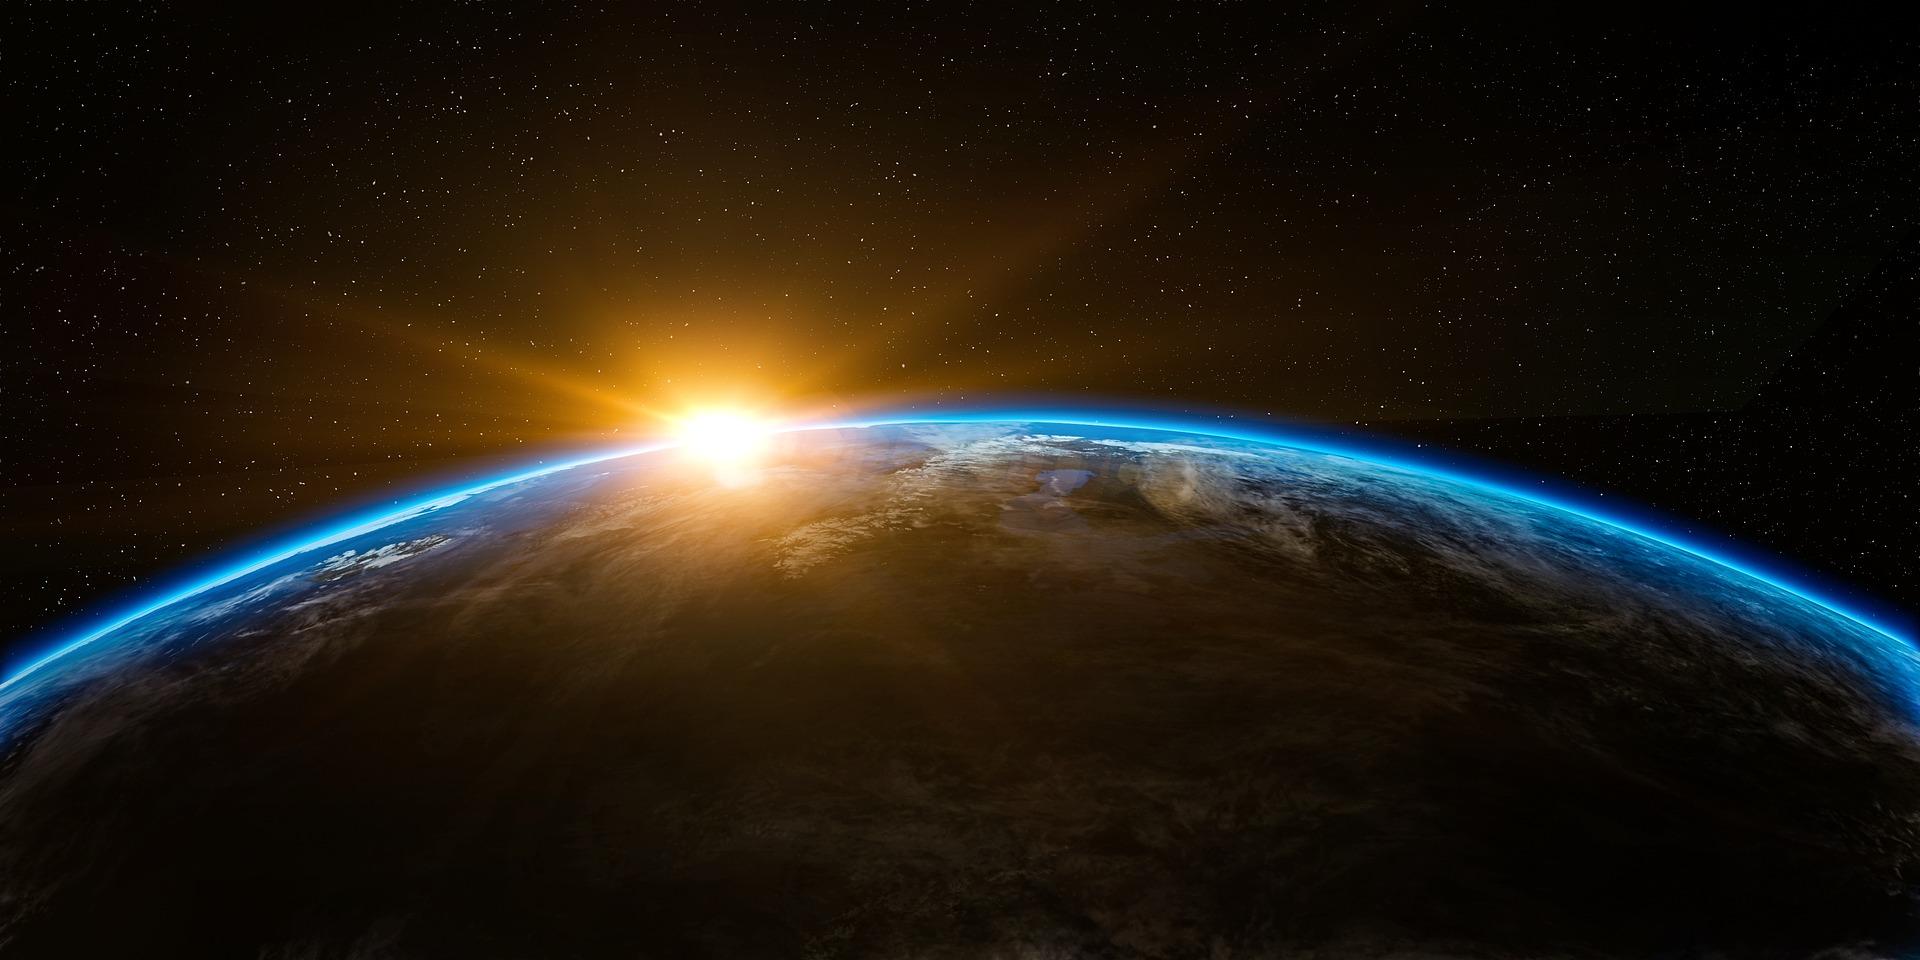 #3 Słońce - gwiazda, układ słoneczny, wschód słońca, astronomia